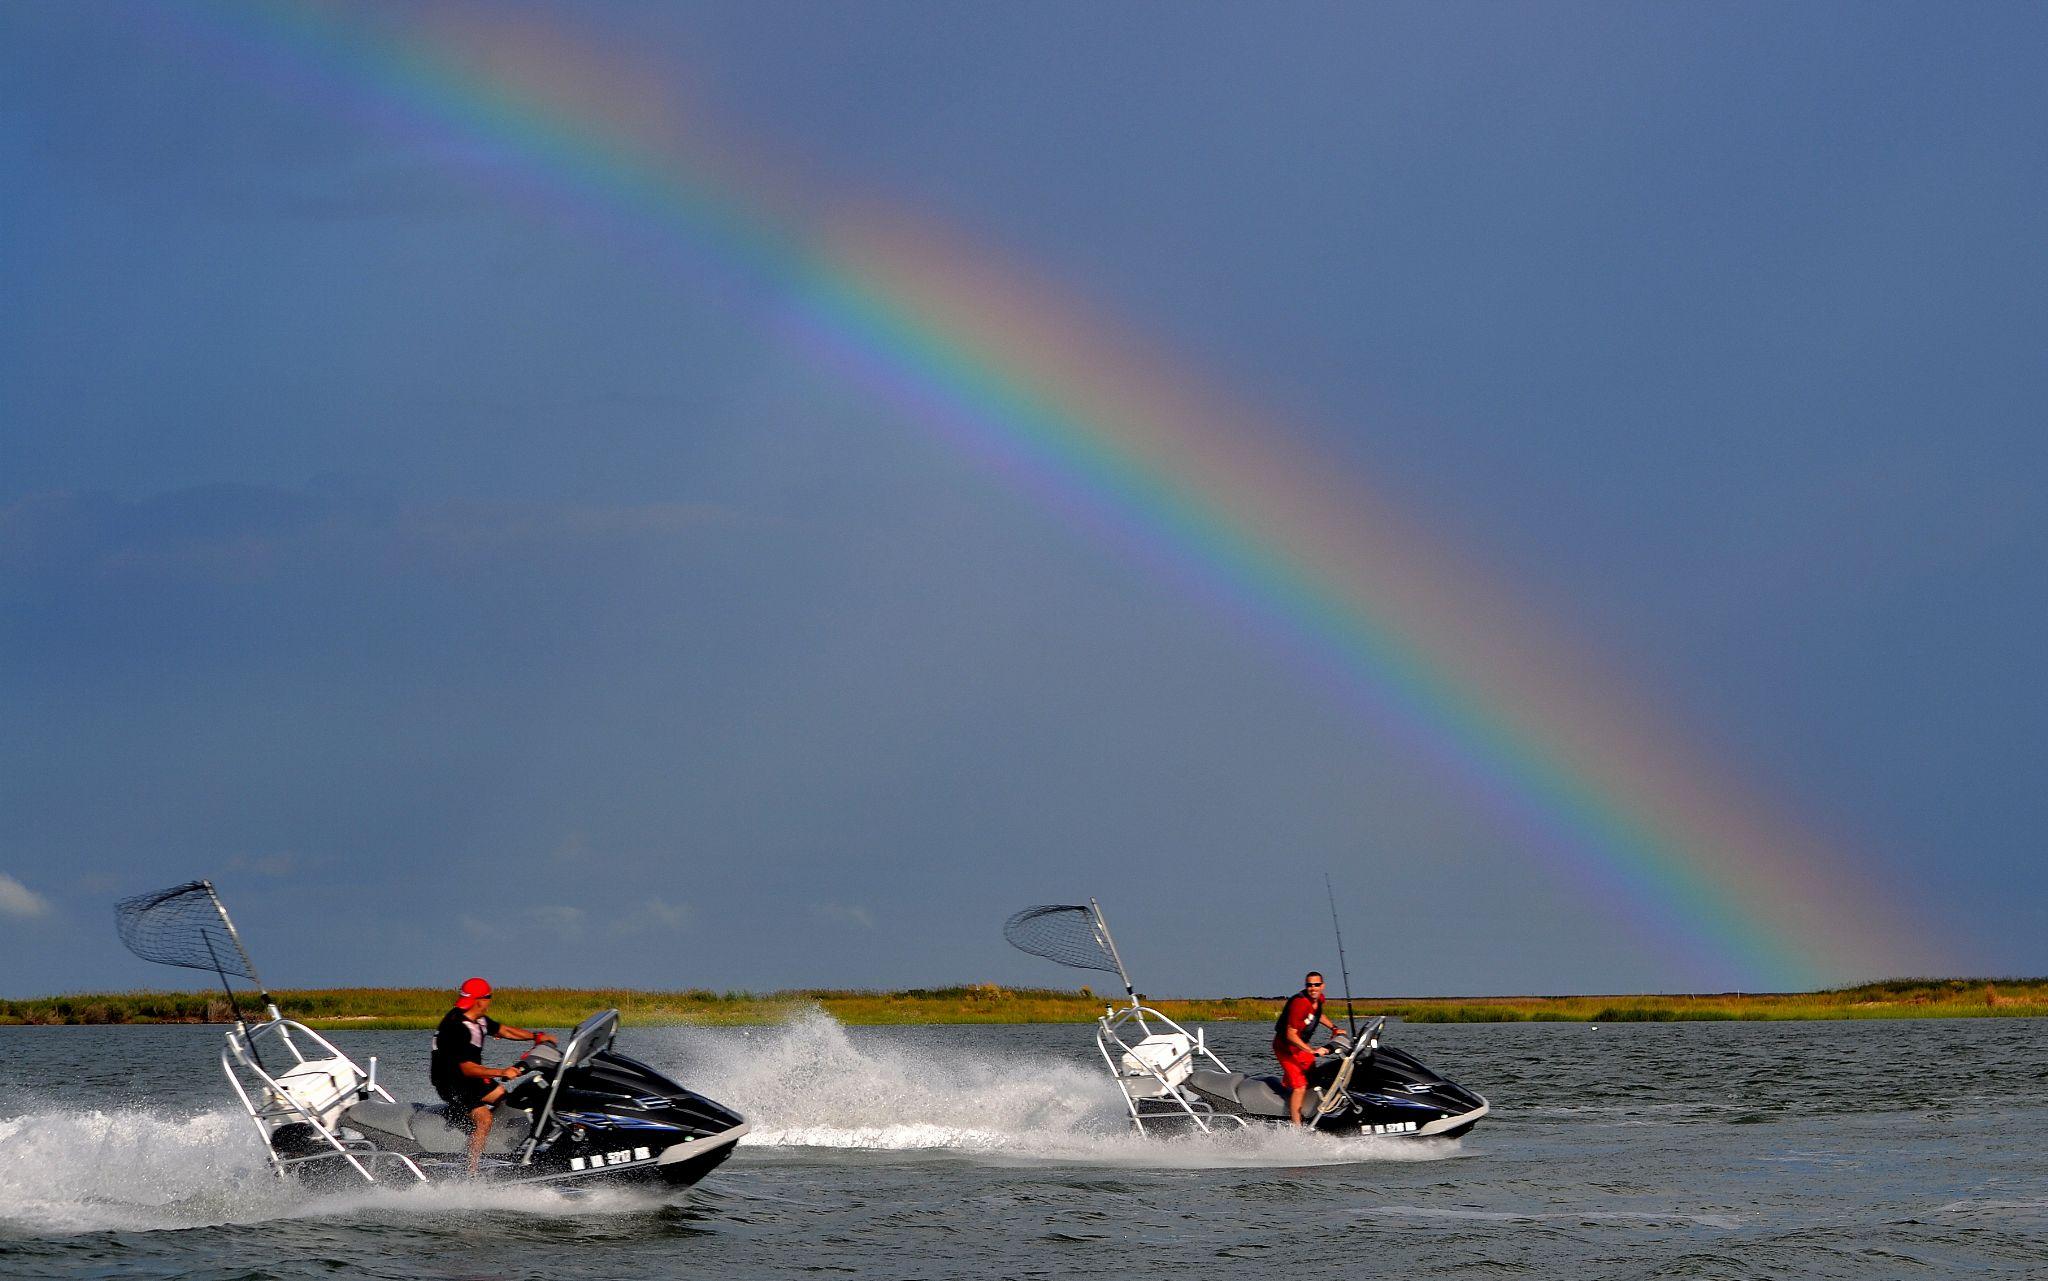 Jet Ski Rainbow by jetskibrian